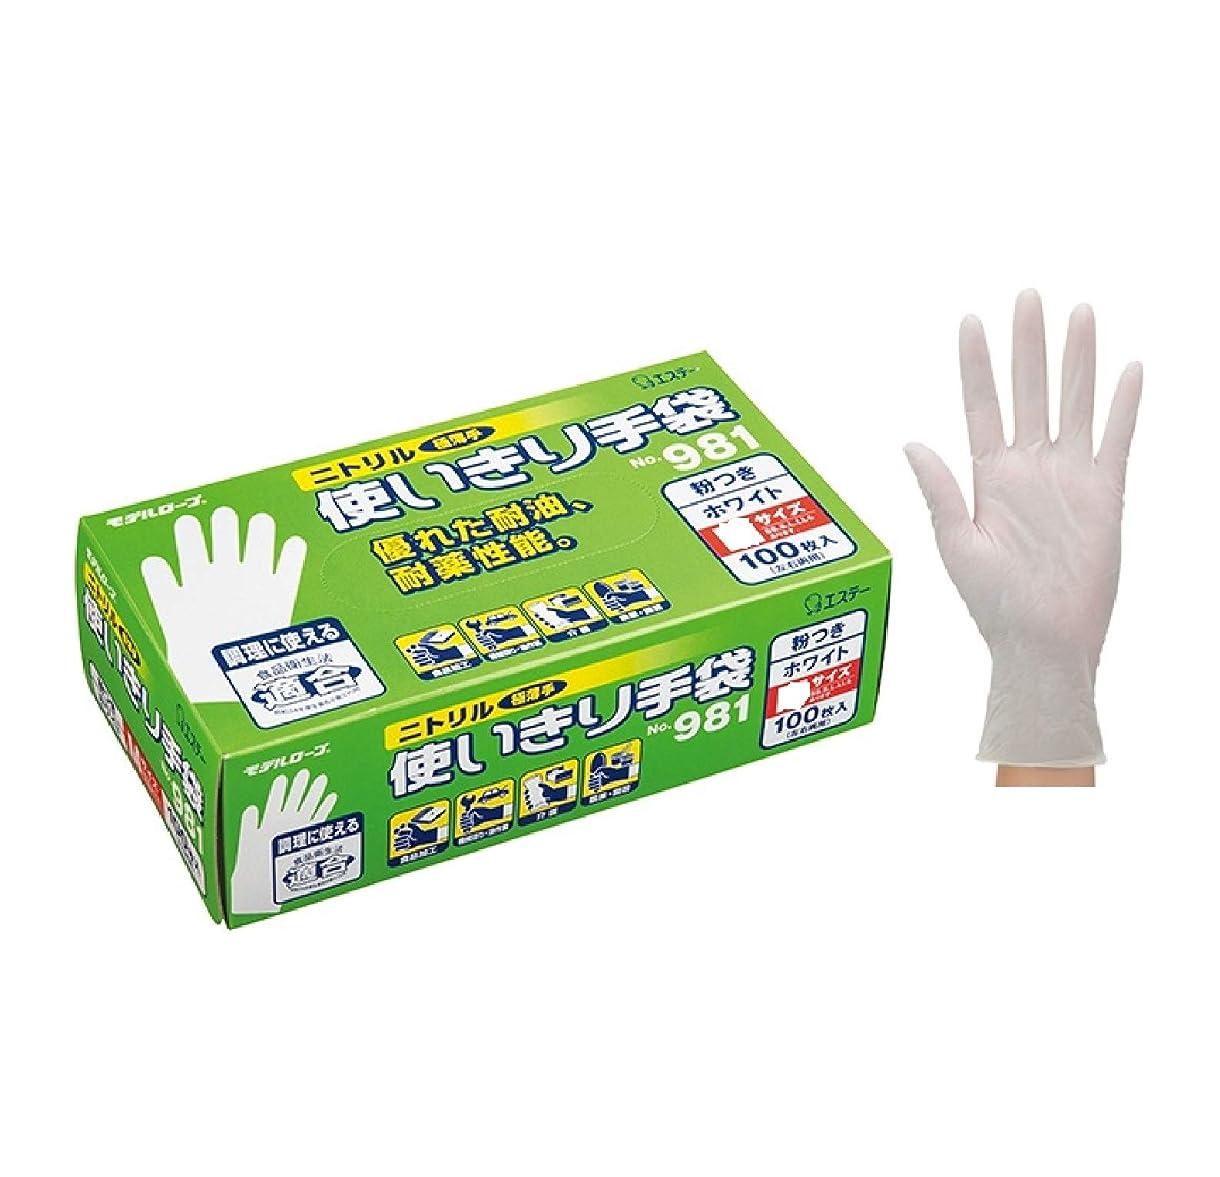 スーダン趣味外科医エステー ニトリル手袋/作業用手袋 [粉付 No981/S 12箱]